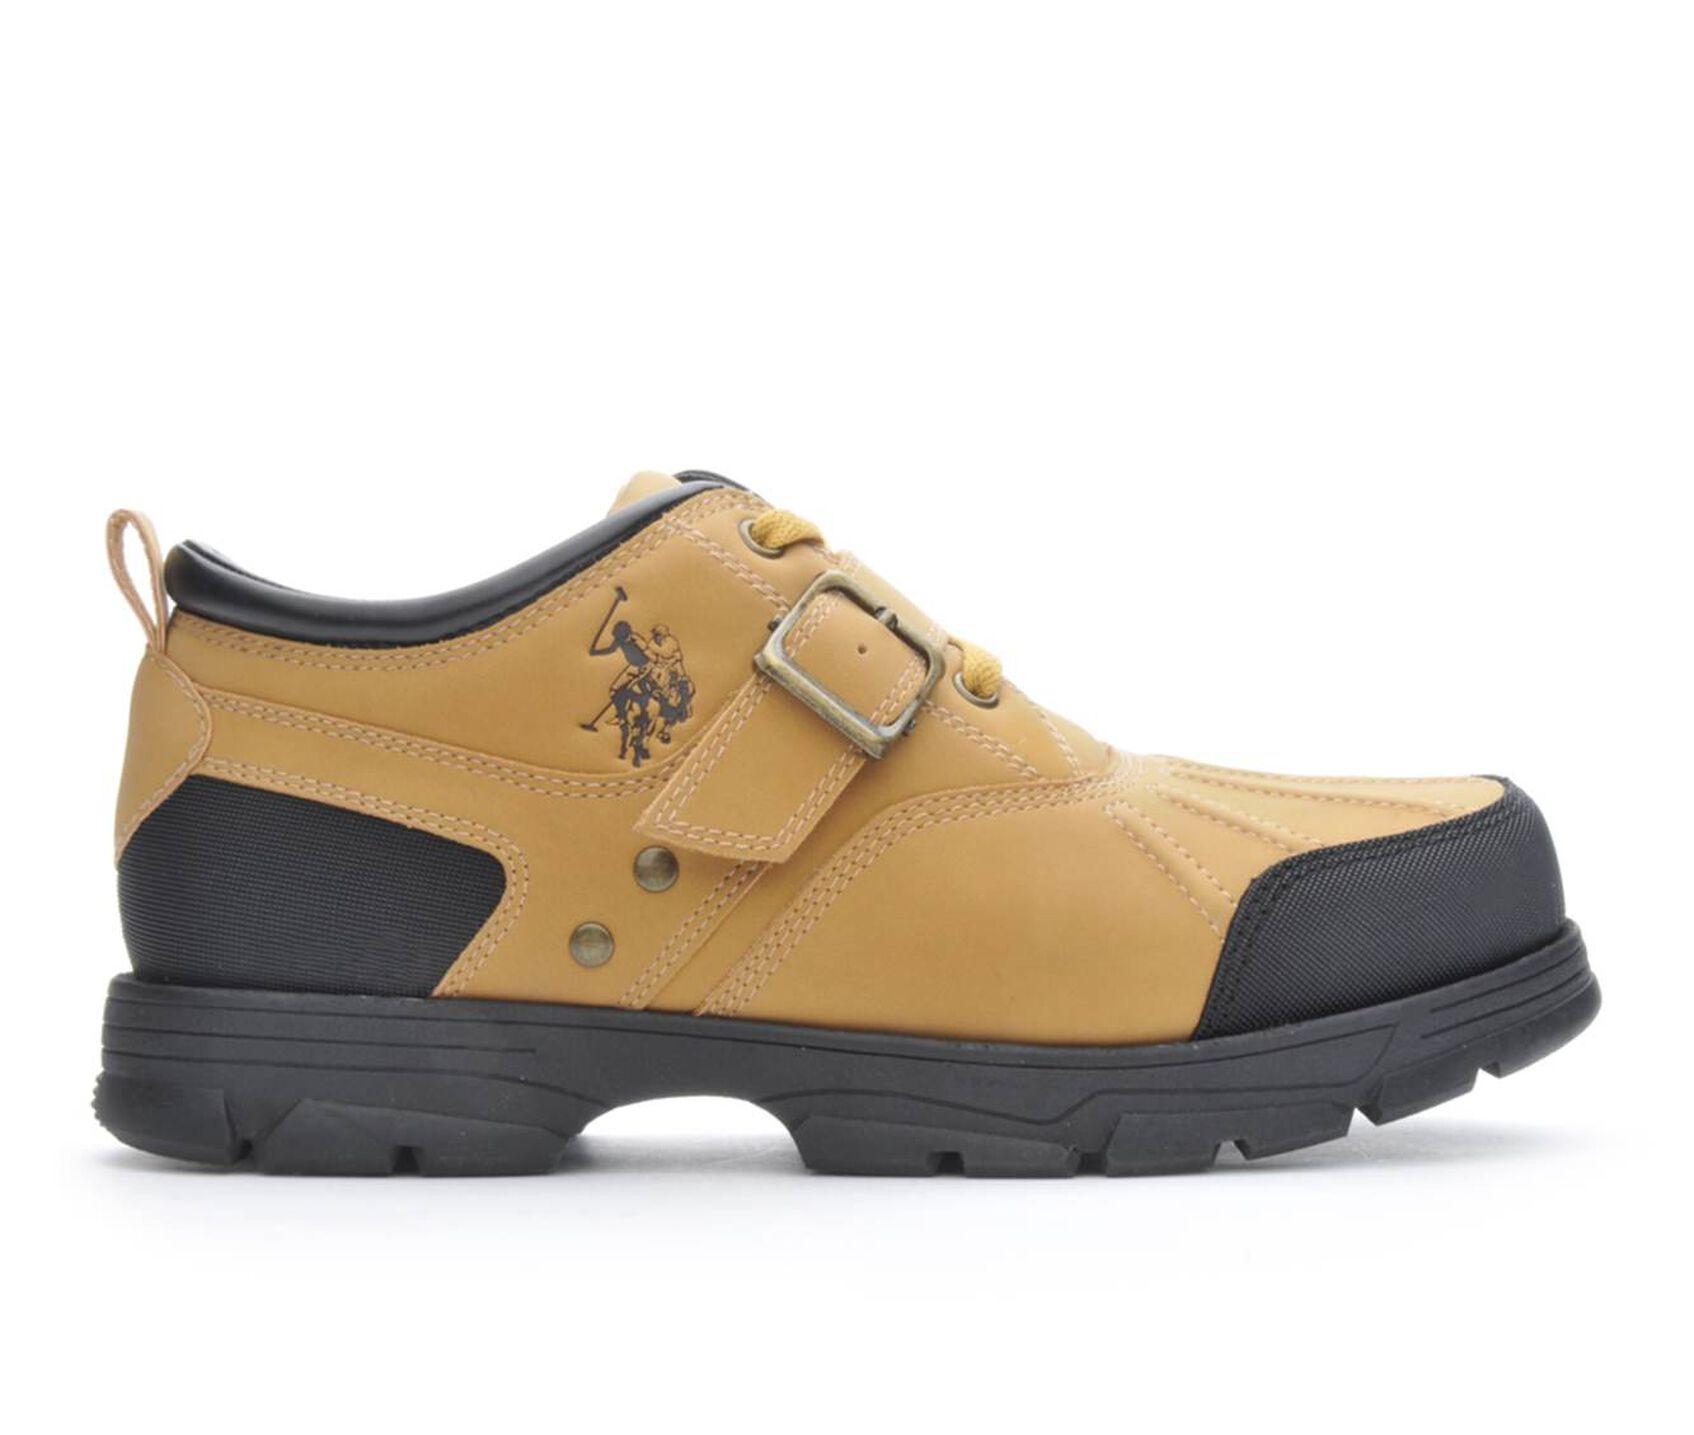 e7990c2f92c Men's US Polo Assn Clancy II Boots